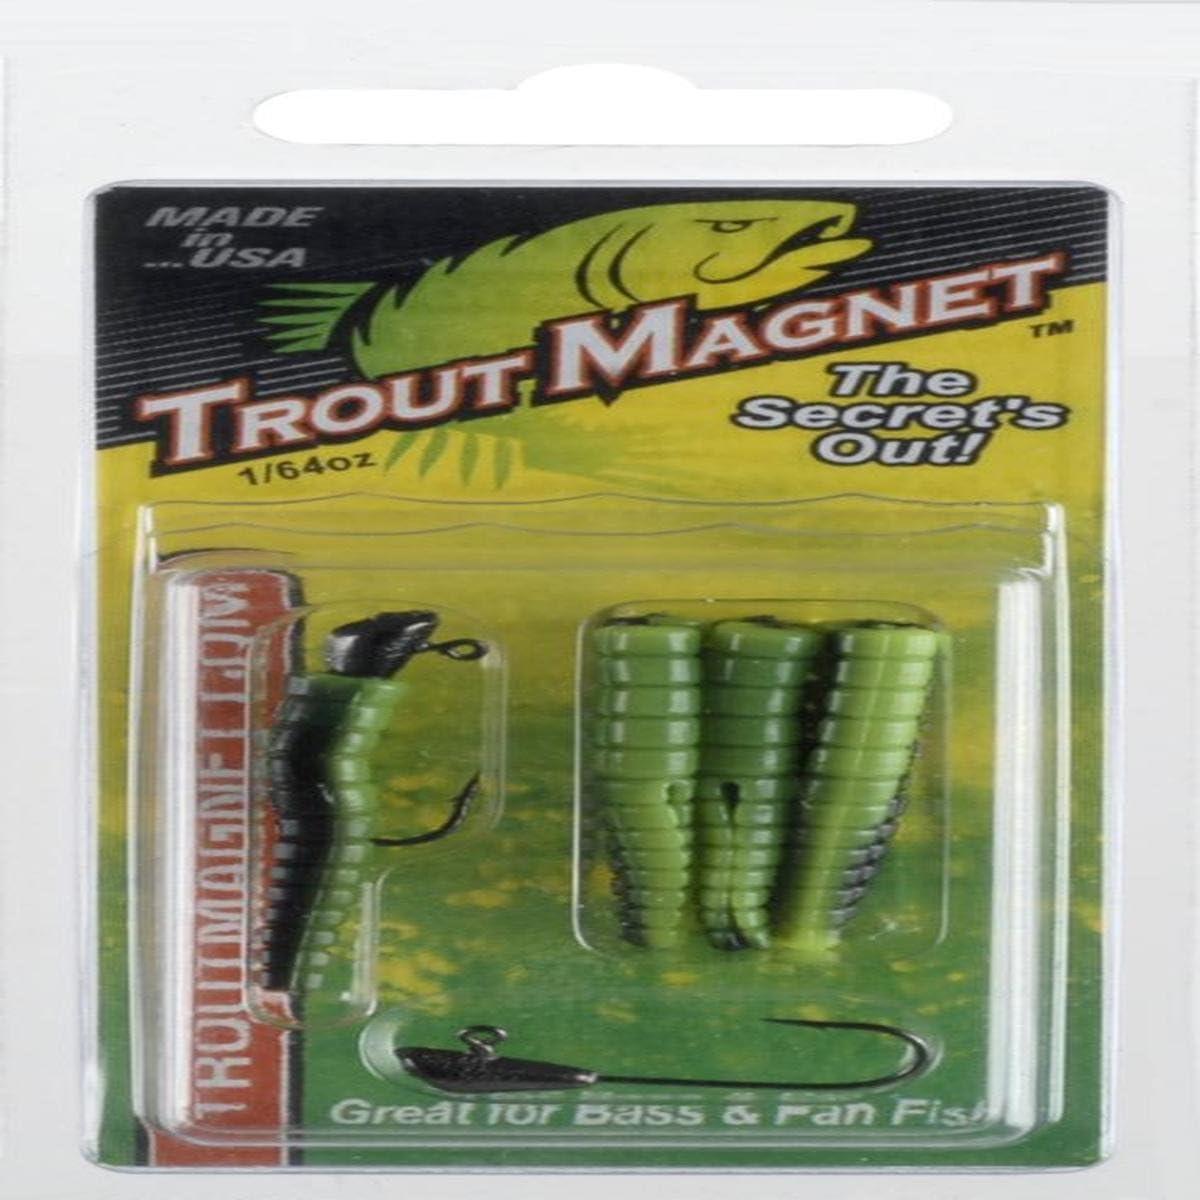 Orange Finish Leland Lures 87321 Trout Magnet Hard Bait